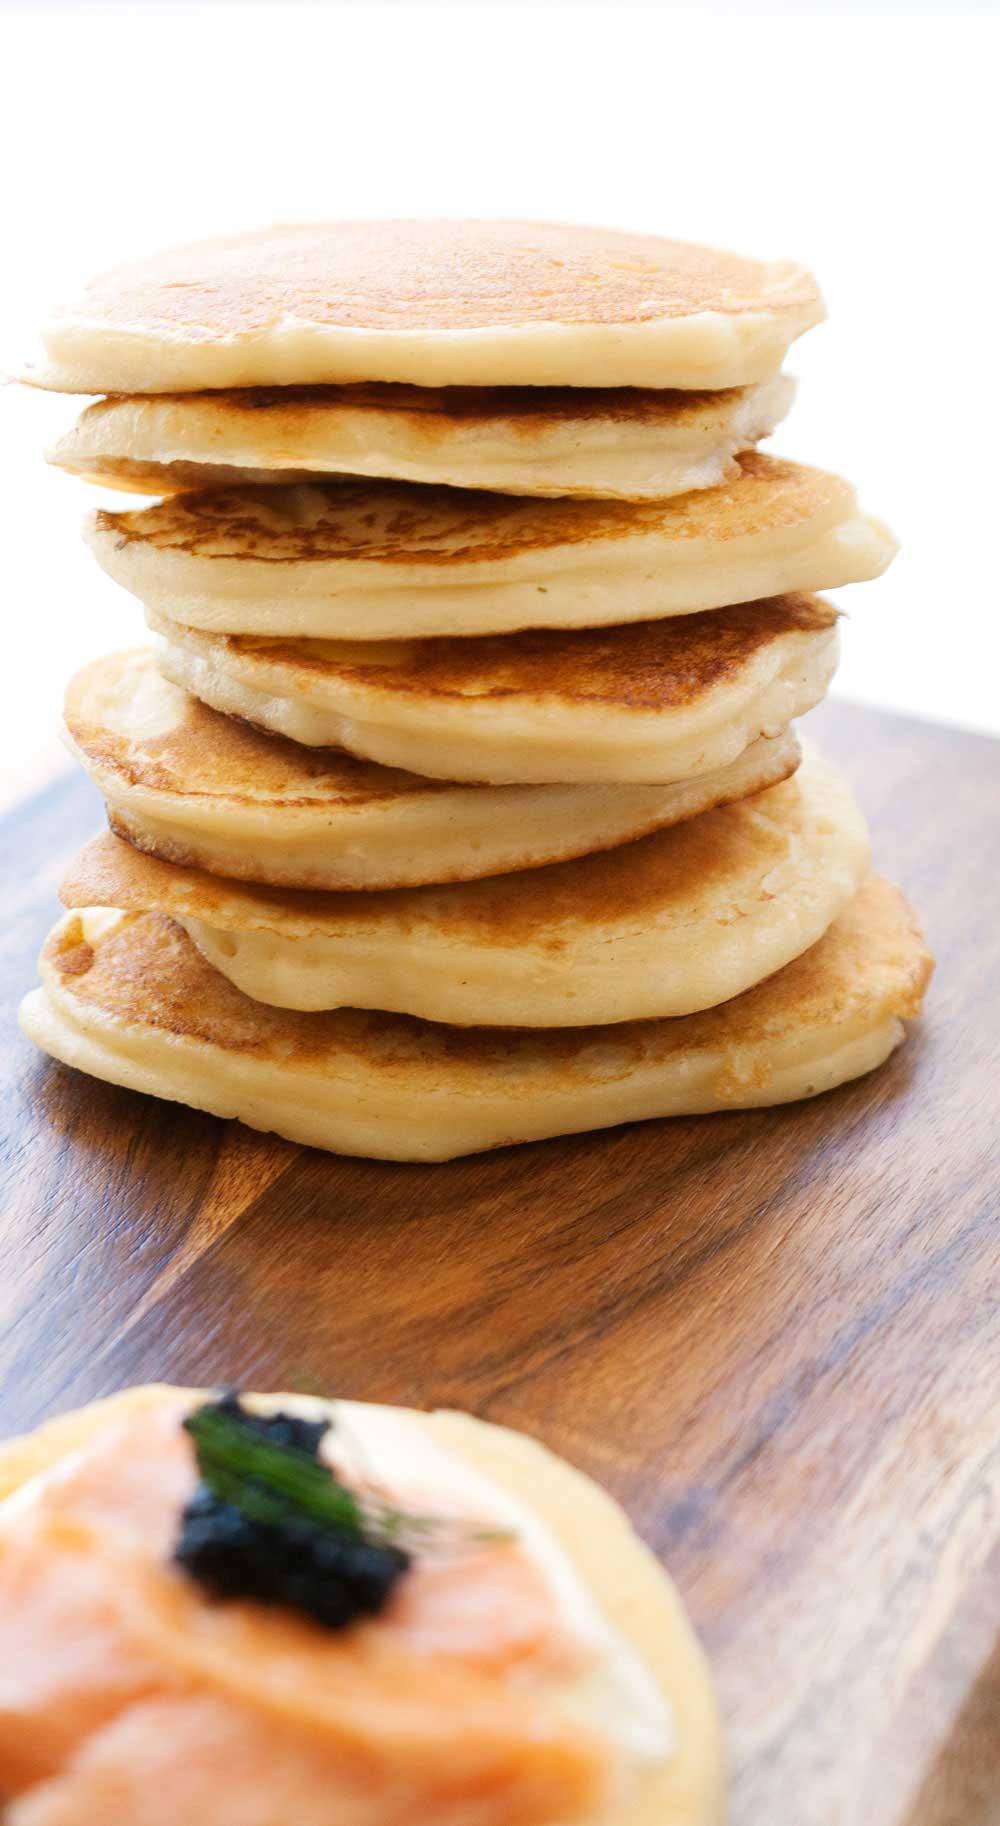 Smoked Salmon Pancakes with Sour Cream and Caviar Recipe